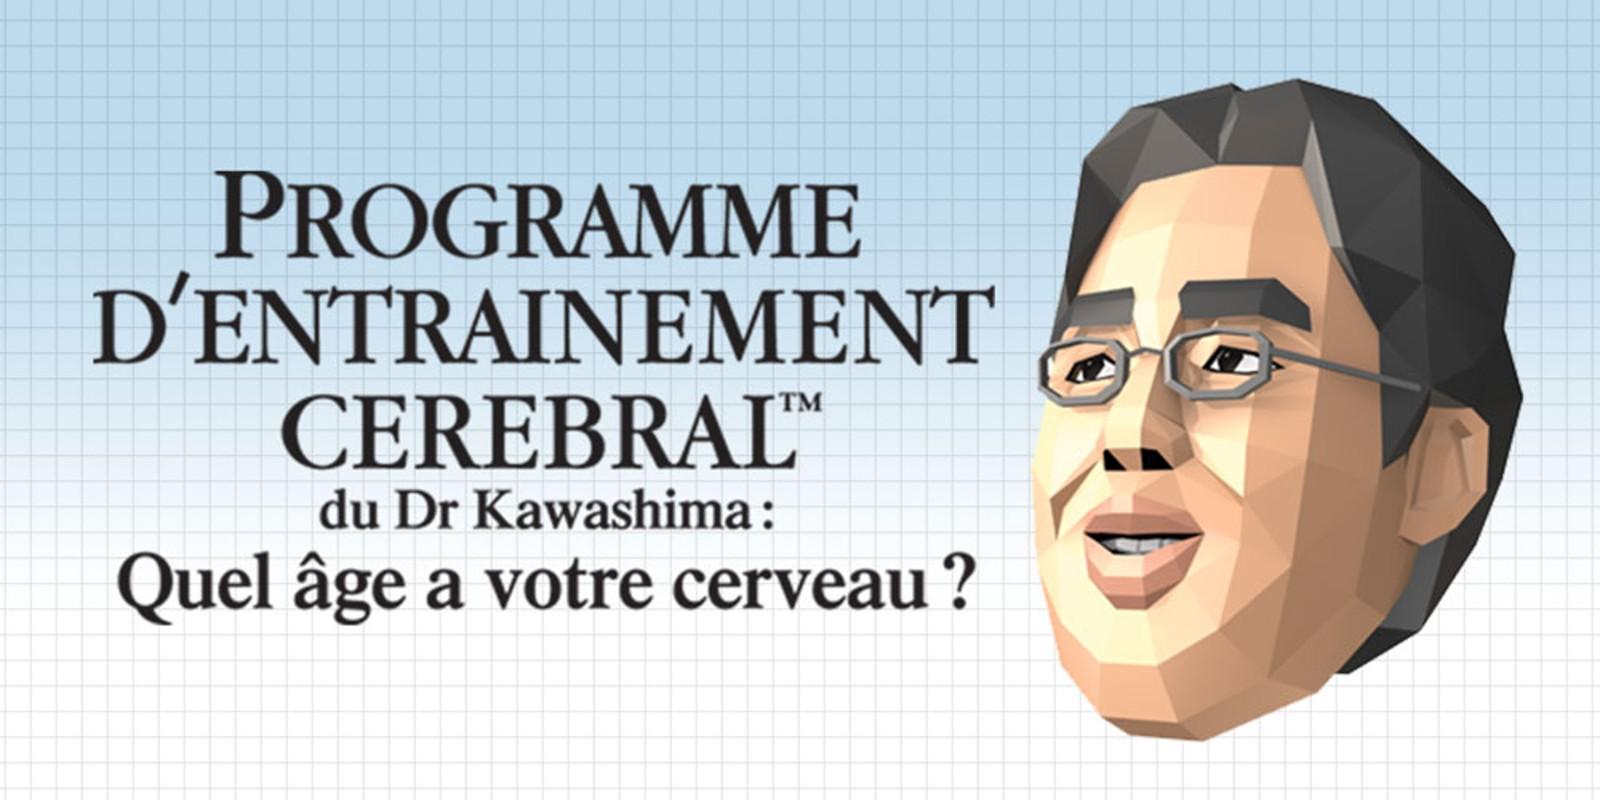 Programme d'entraînement cérébral du Dr Kawashima : Quel âge a votre cerveau